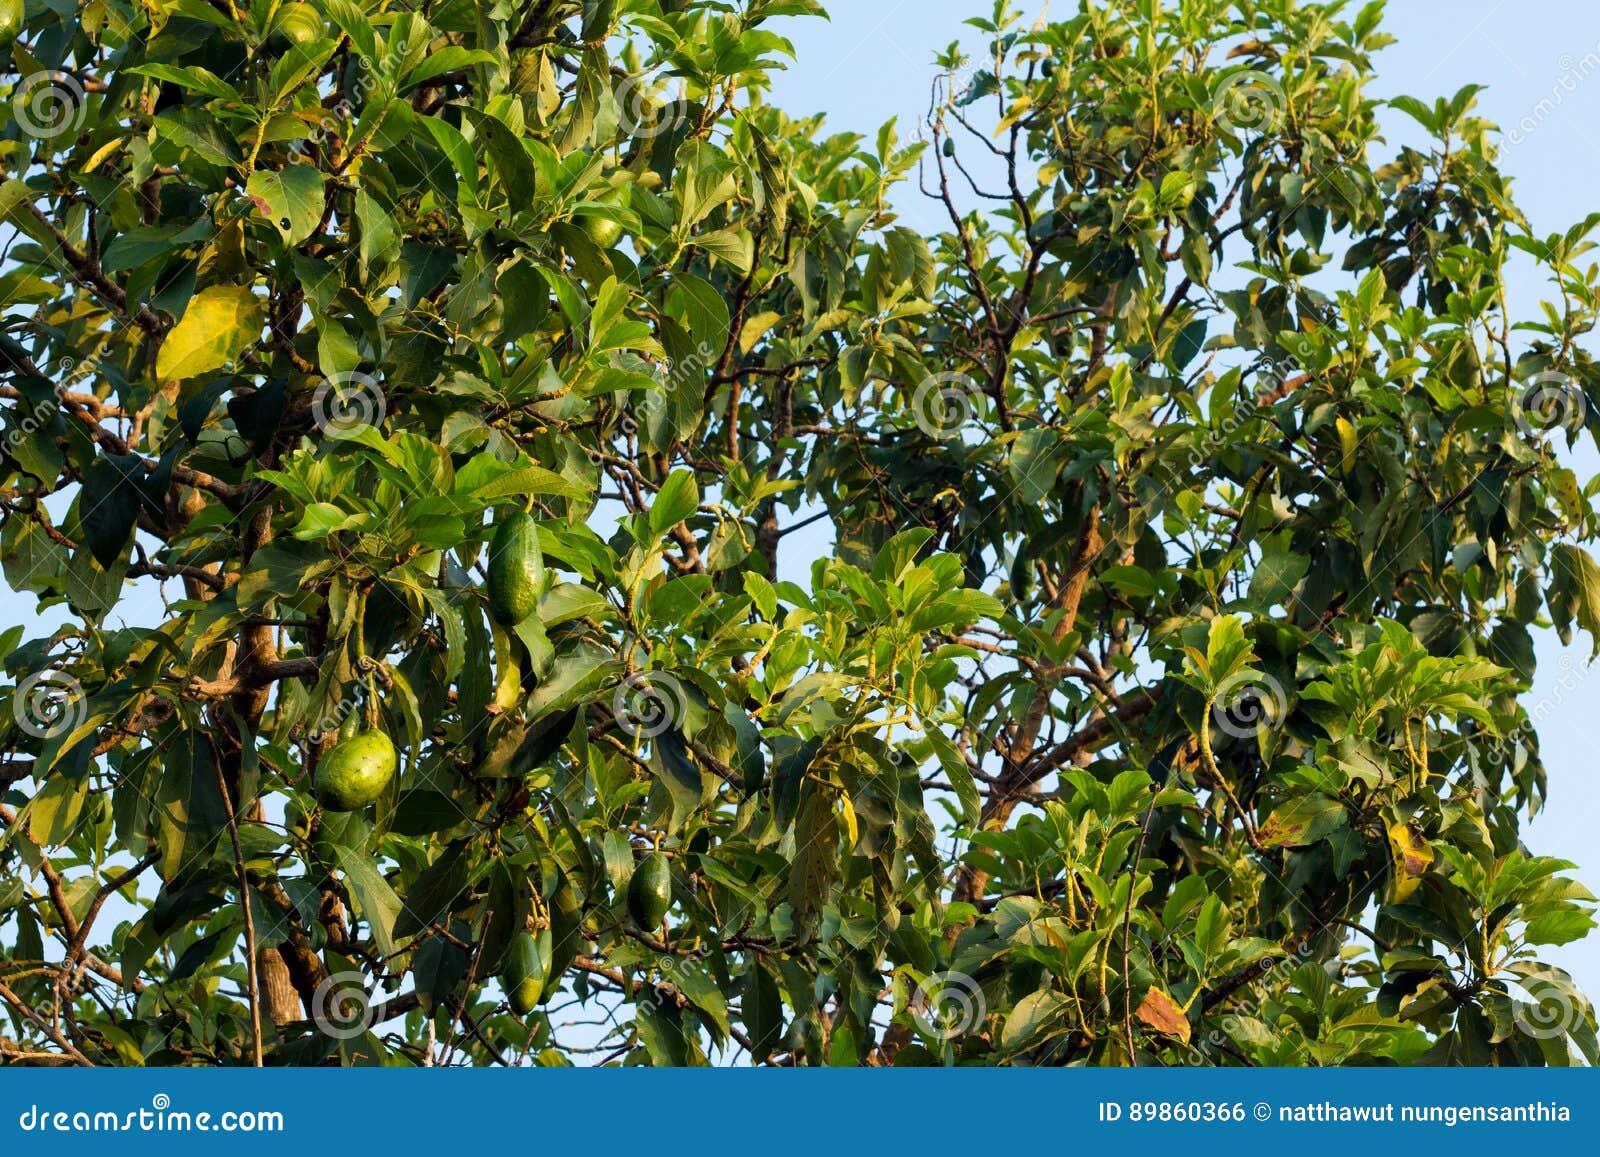 groupe d'avocats mûrs sur l'arbre photo stock - image du arbre